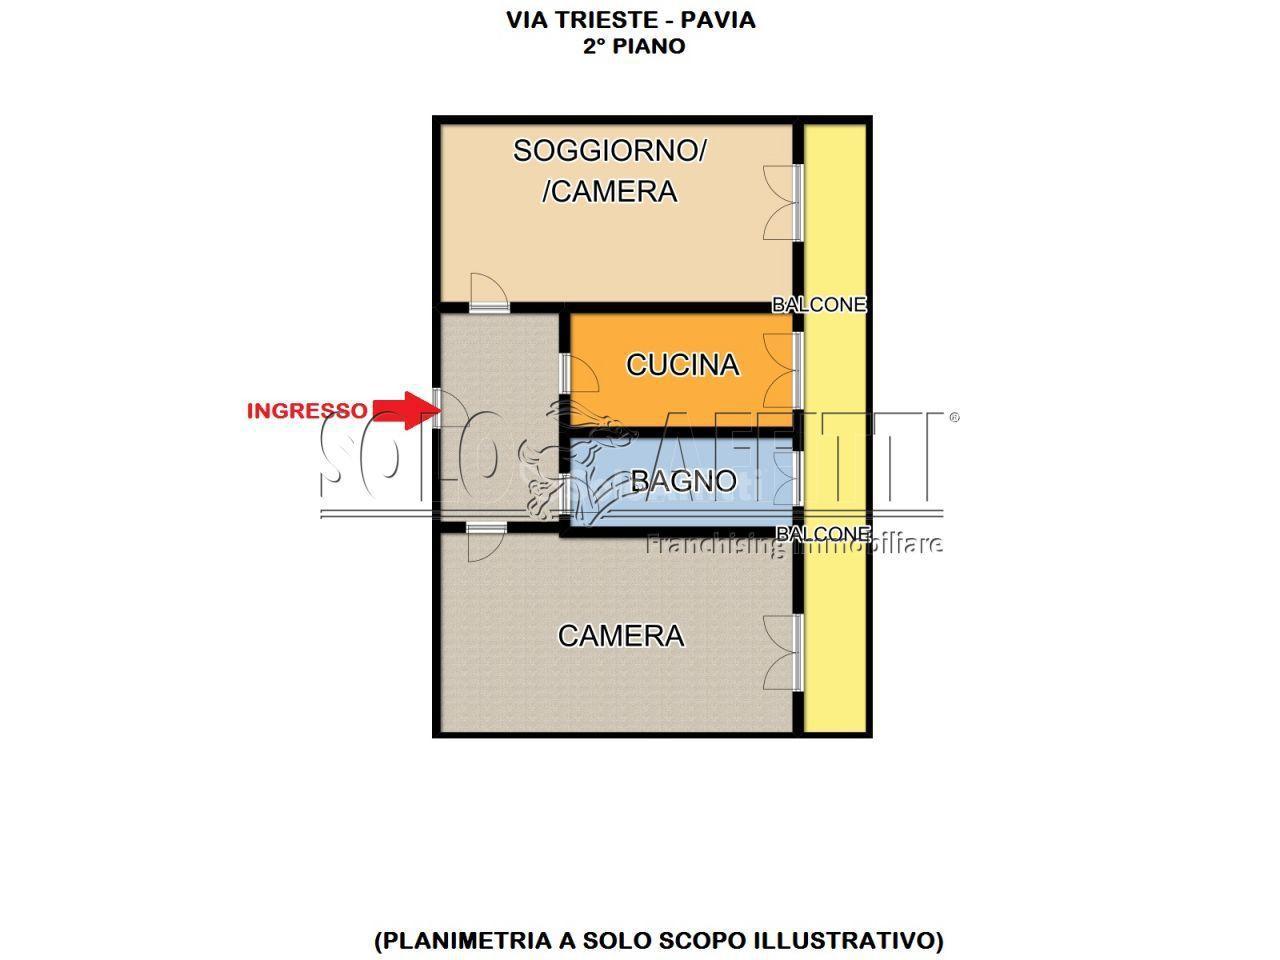 Bilocale Pavia Via Trieste 13